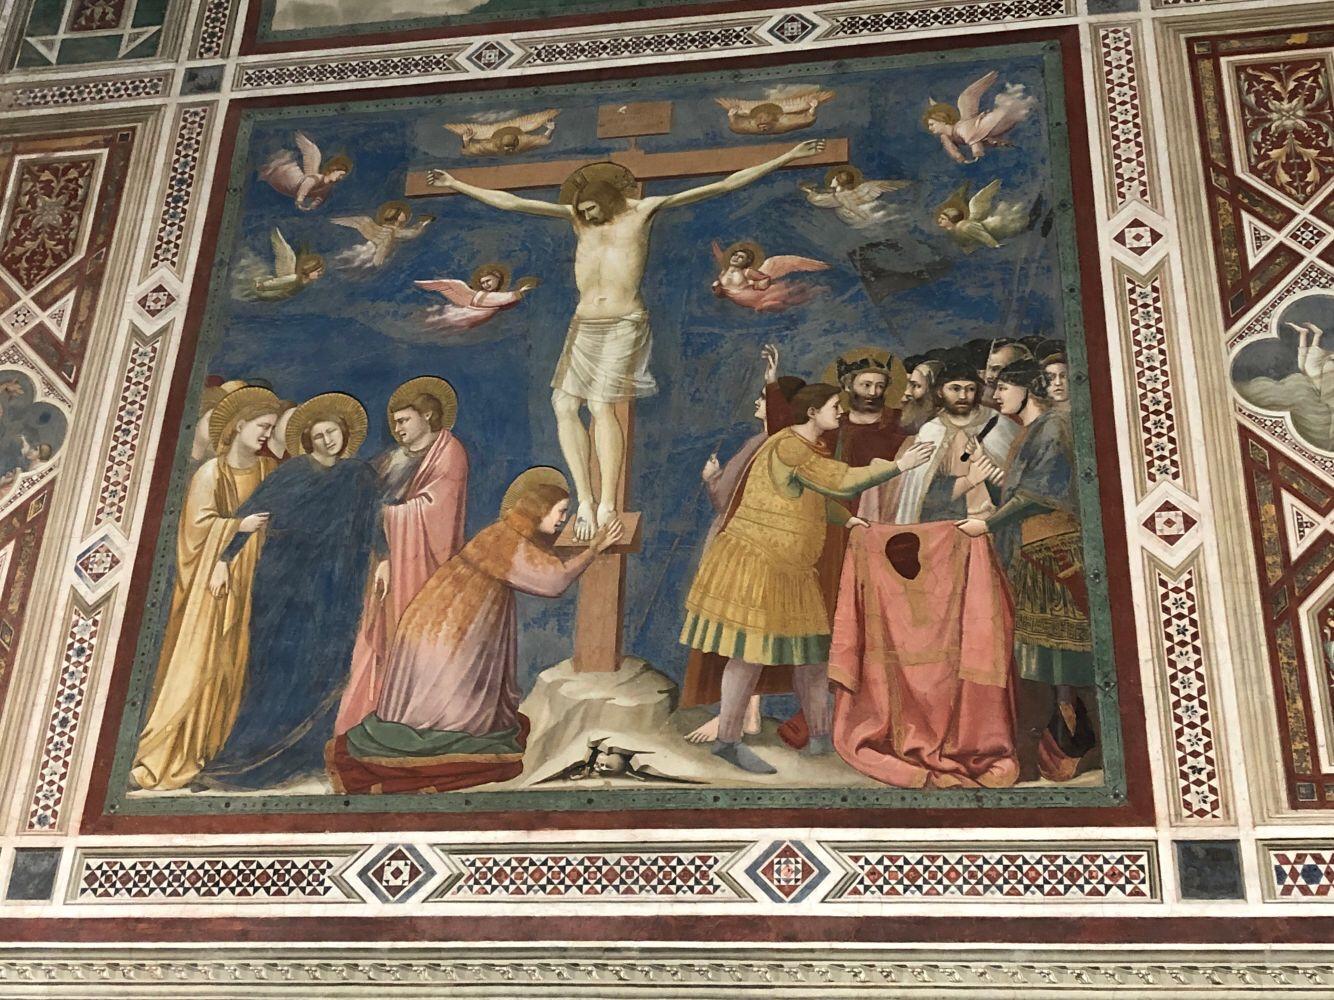 Scrovegni Chapel - Giotto Frescoes 1303-1305